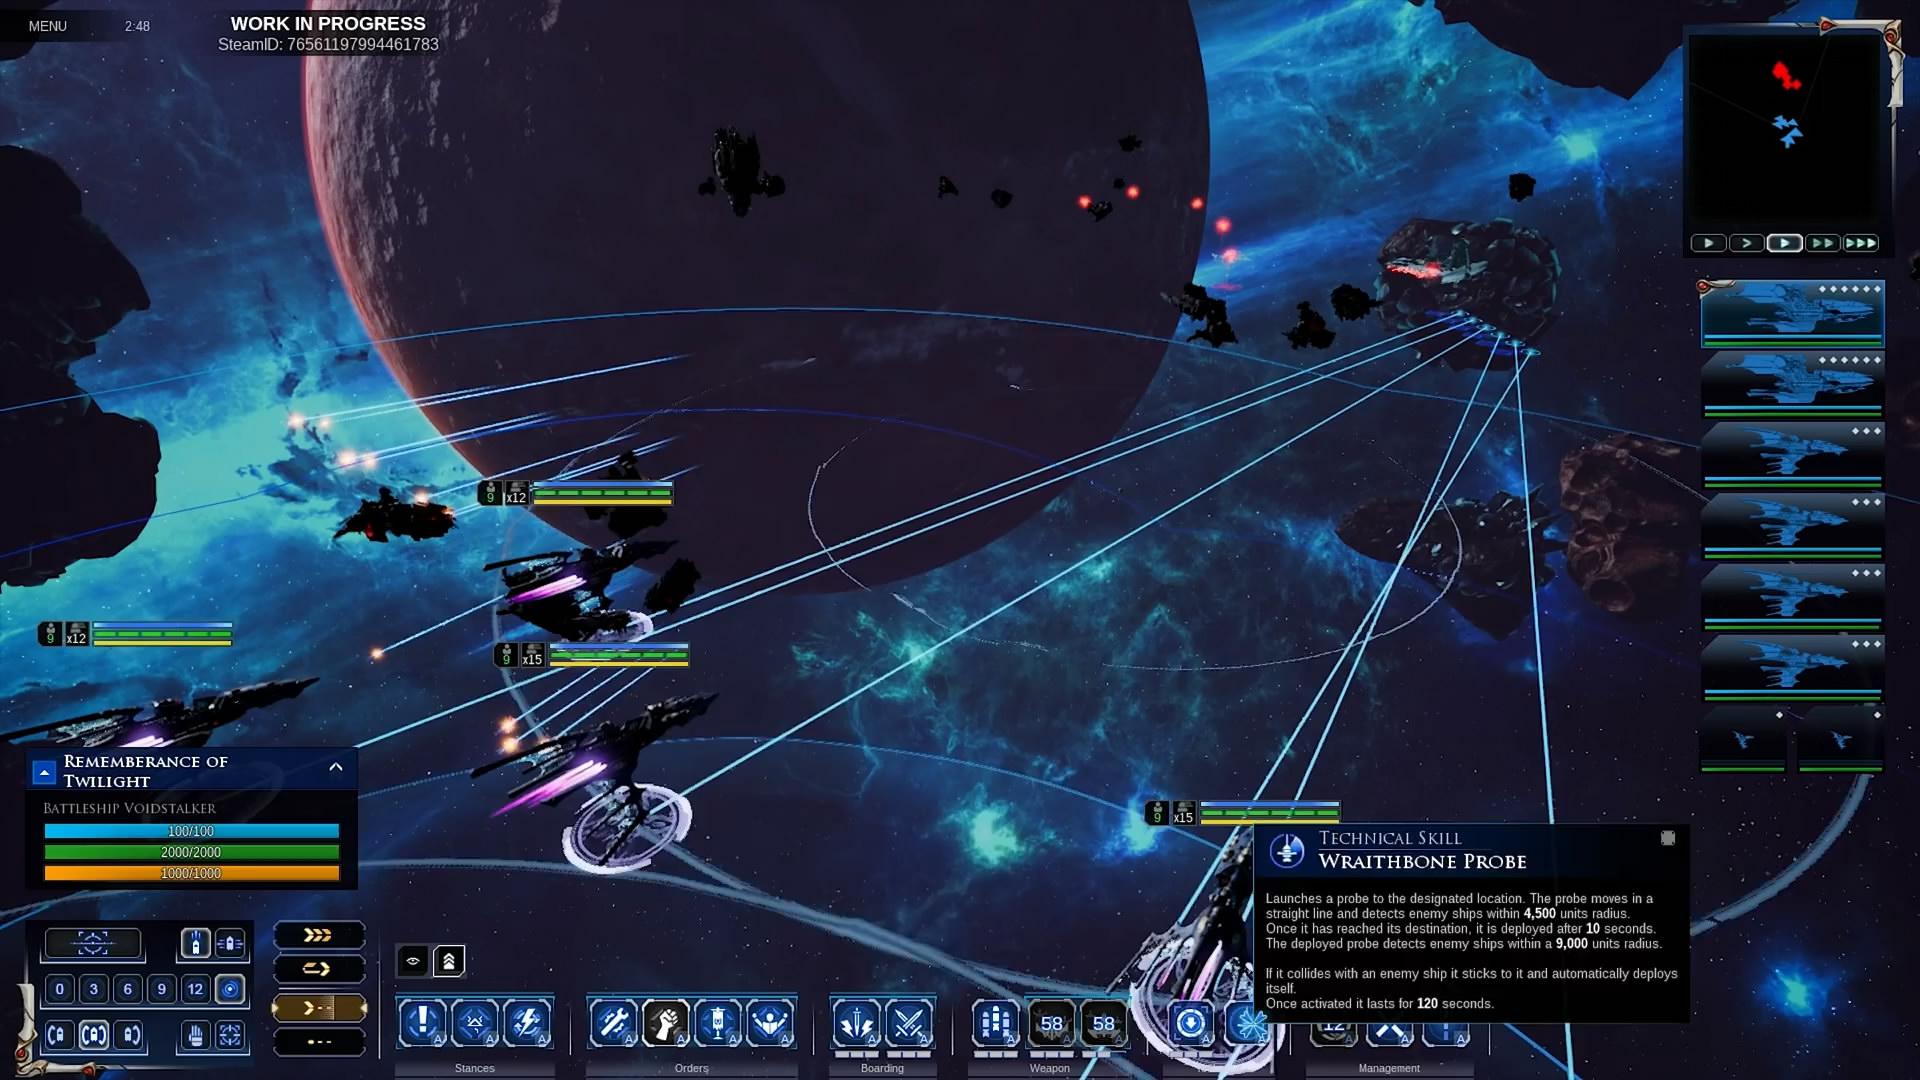 《哥特视频:阿玛达2》新v视频宇宙视频舰队疯vod战舰30图片